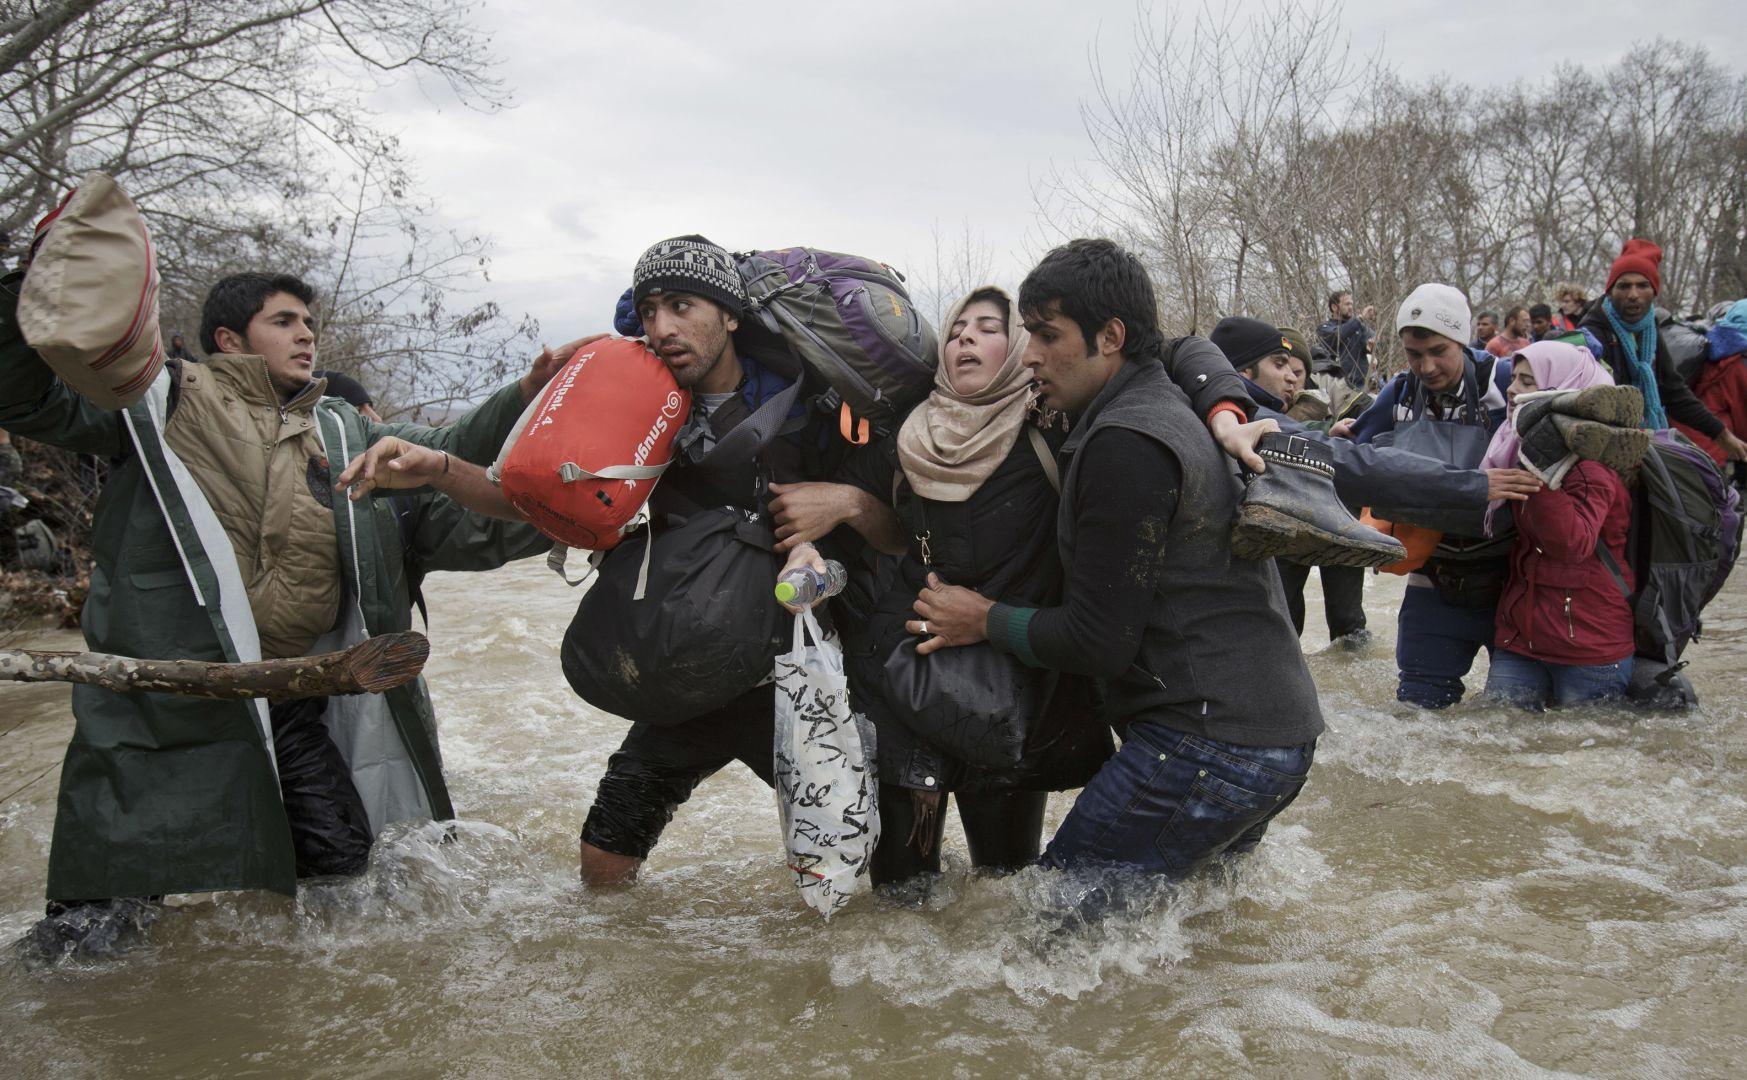 Пересечение мигрантов, © Вадим Гырда, Румыния, Фотоконкурс World Press Photo